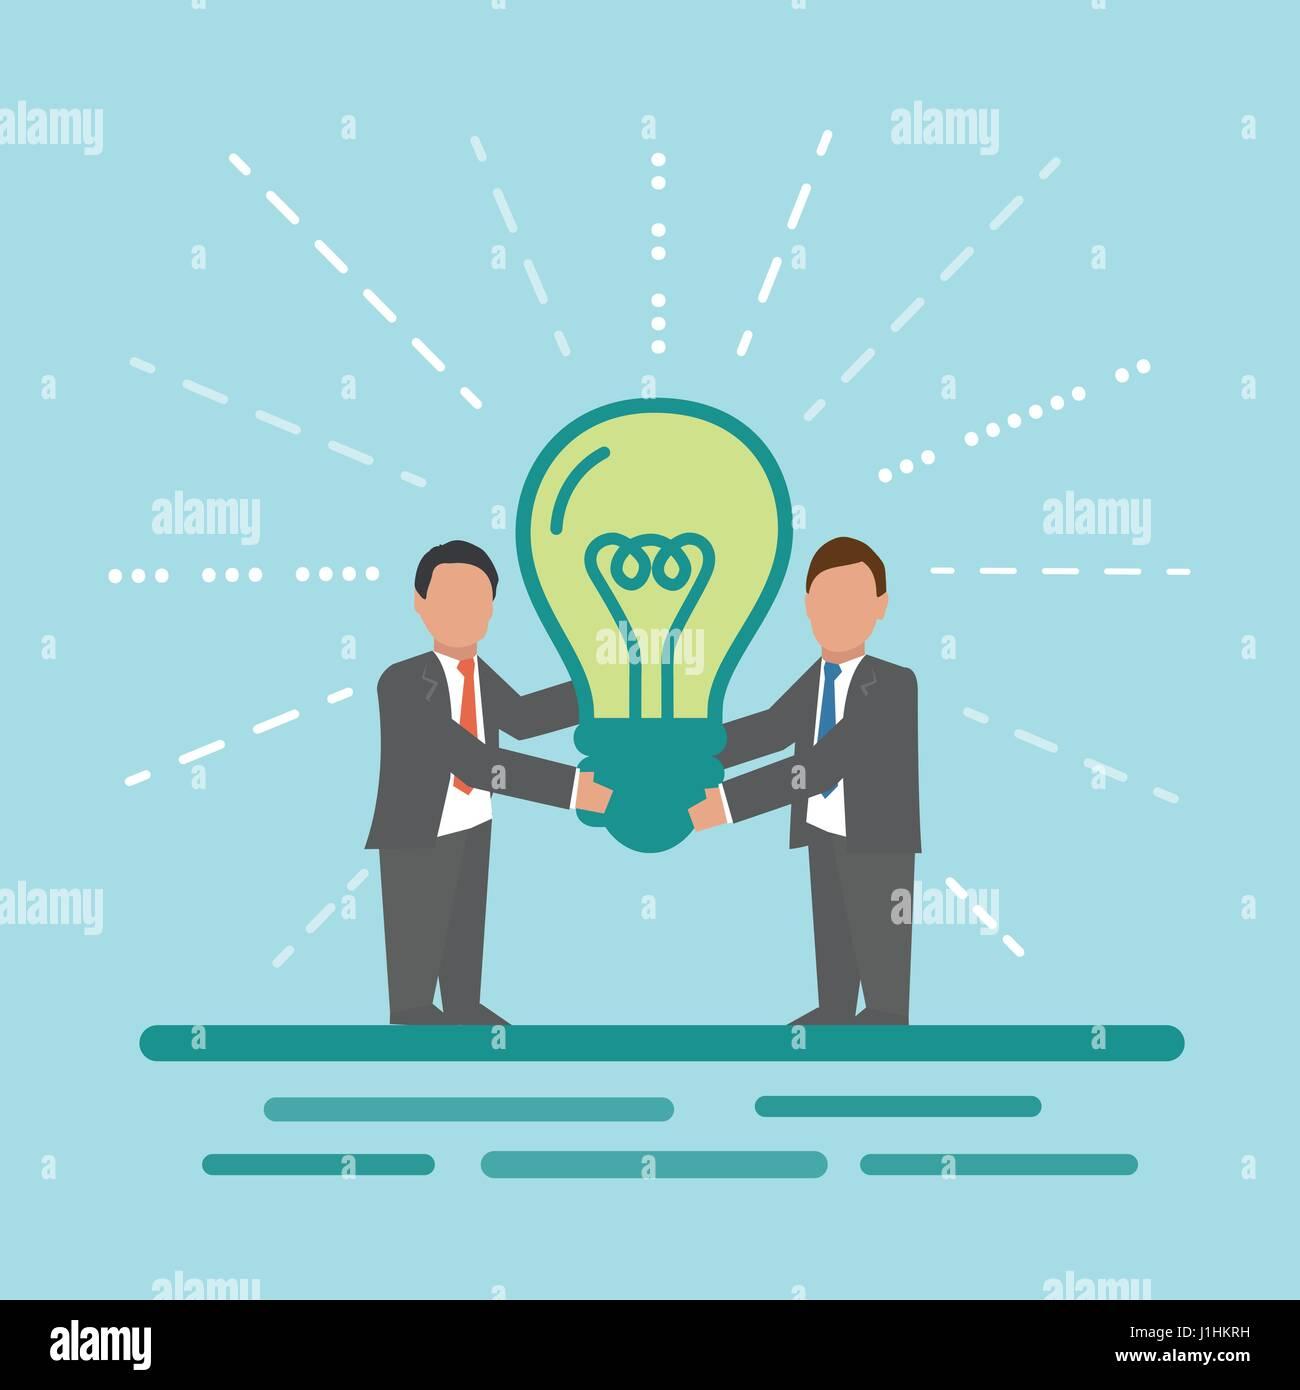 Idee. Konzept-Geschäft-Abbildung. Stockbild